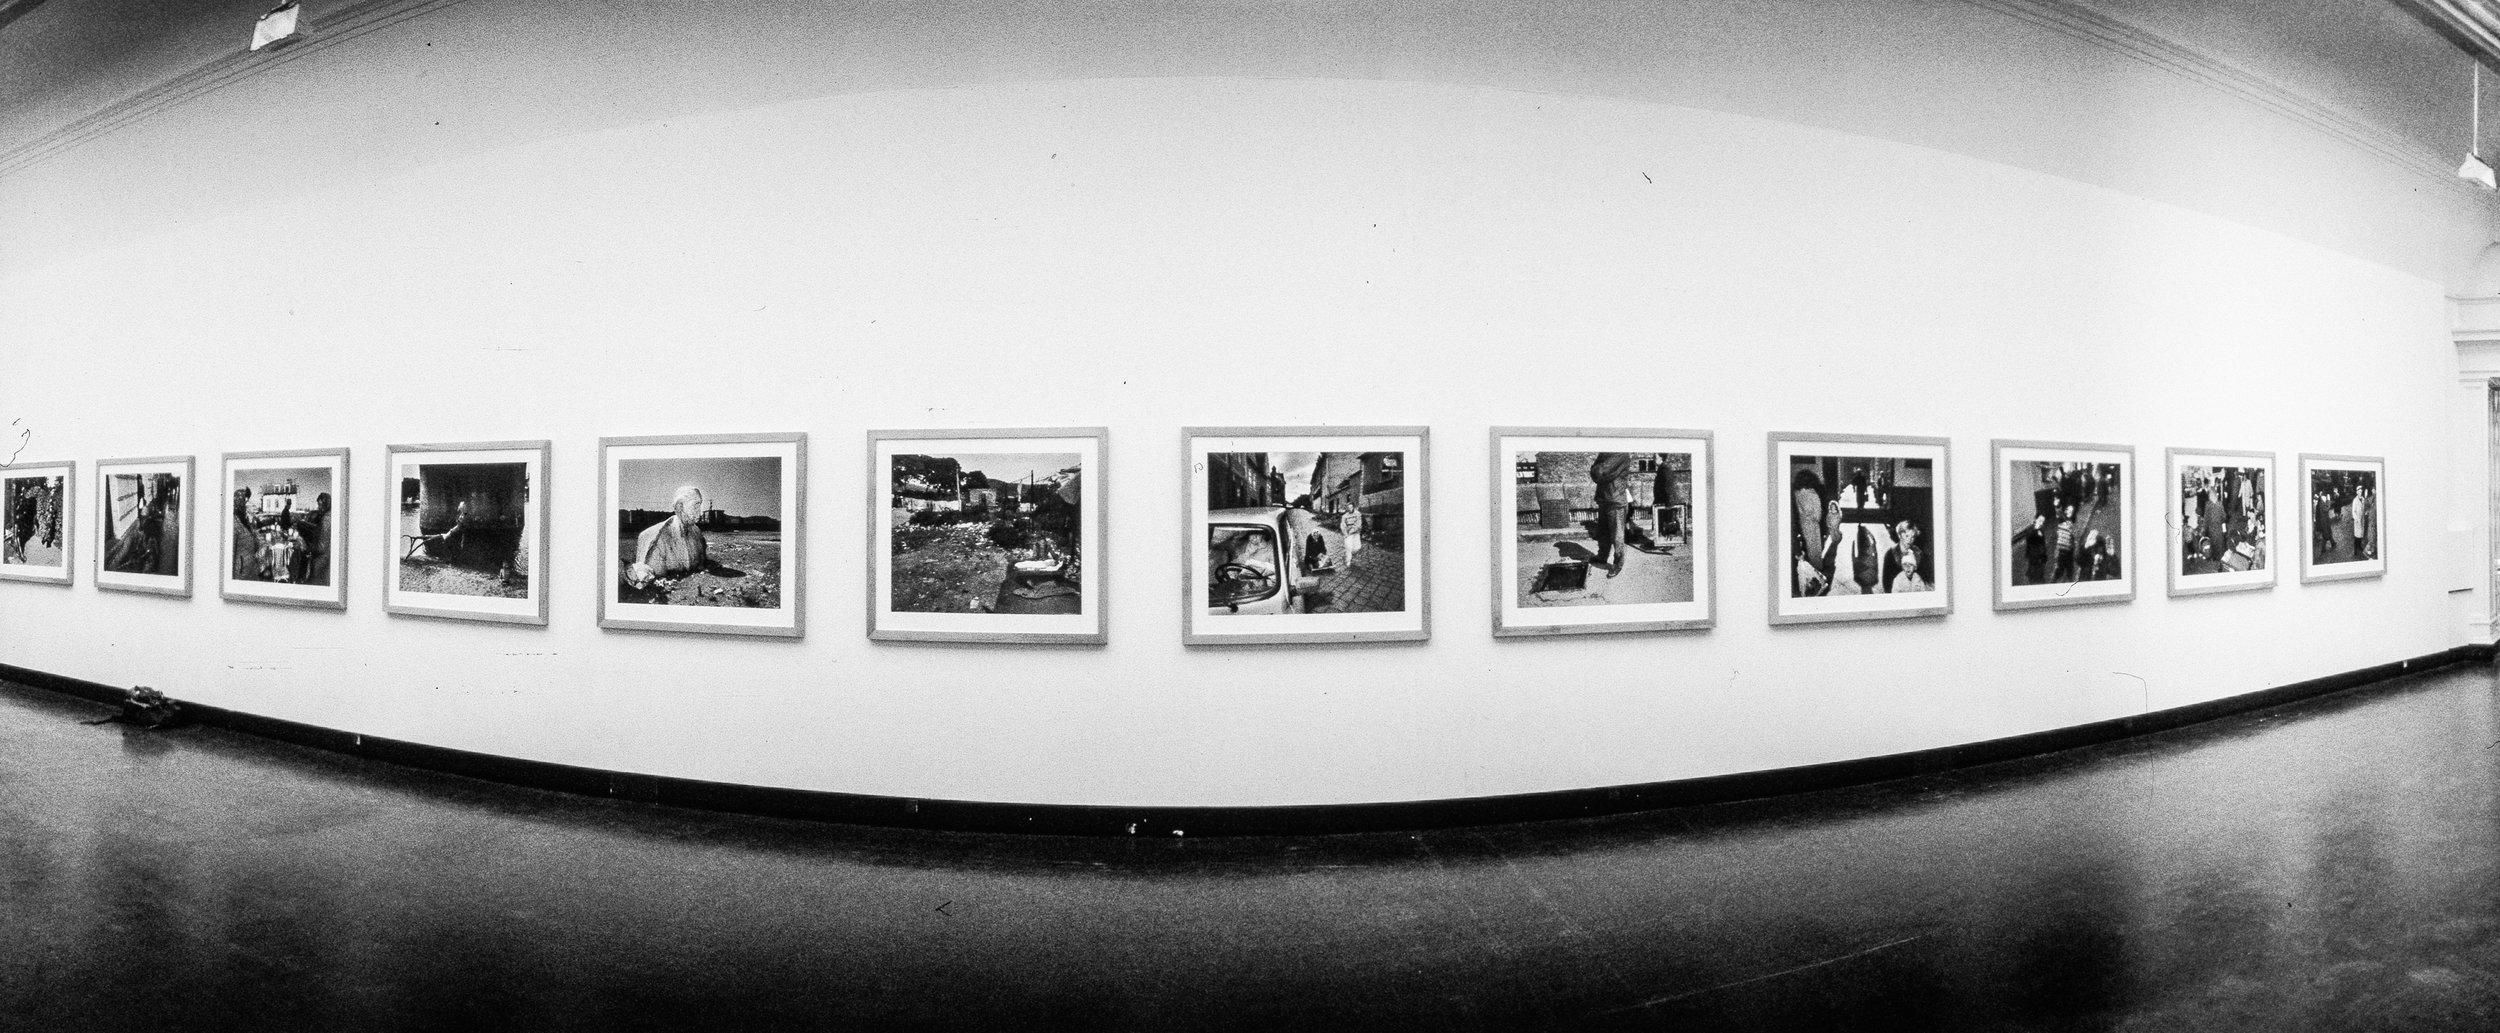 10-07-18-dia-kleur-expo-Tableaux-1996-Panoramisch-12 001.jpg